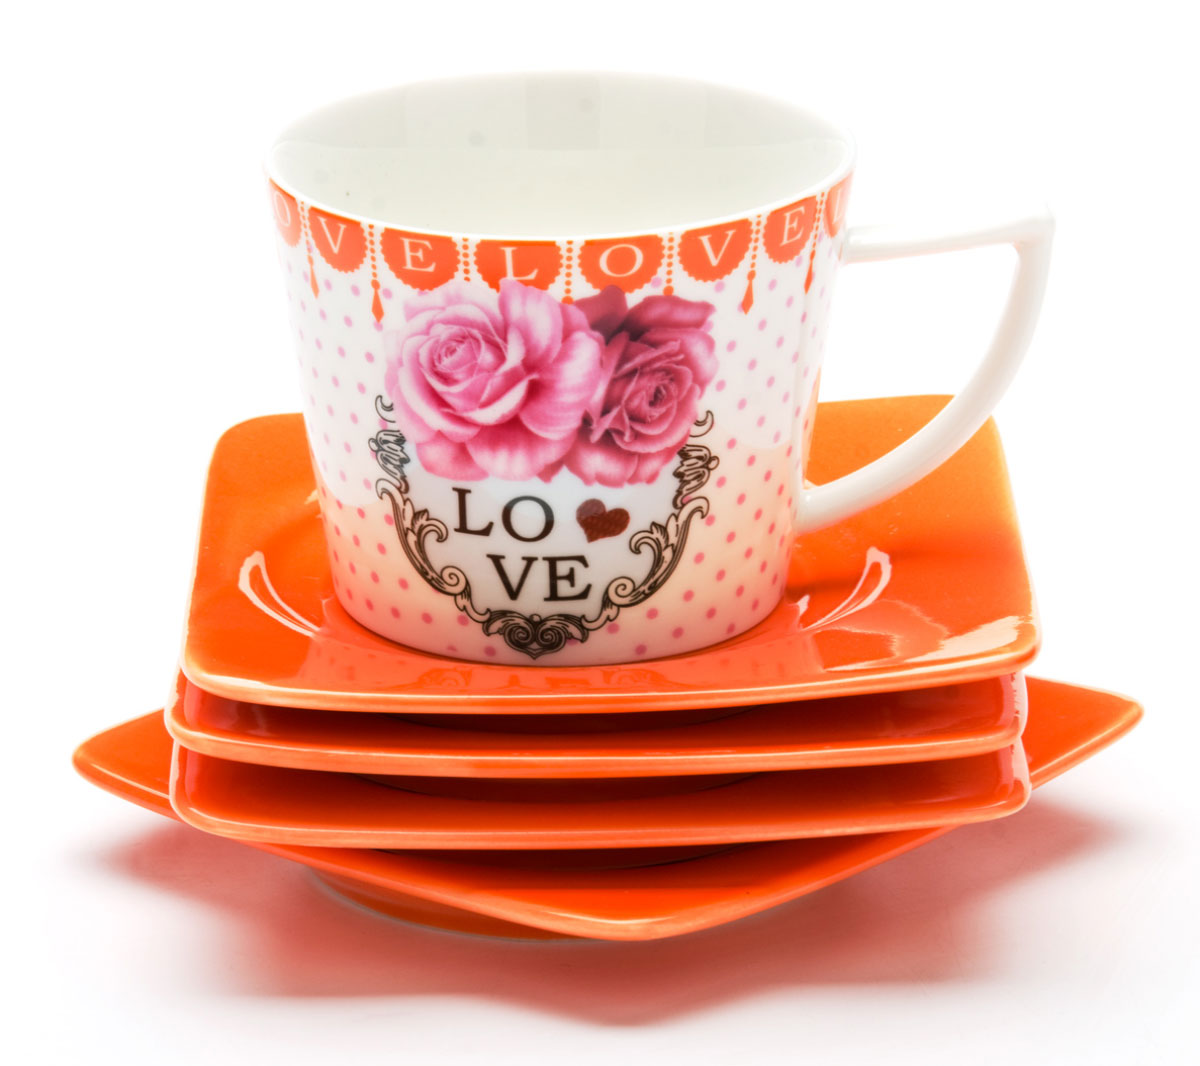 Набор кофейный Mayer & Boch, 12 предметов. 2471824718Кофейный набор Mayer & Boch состоит из 6 чашек и 6 блюдец, выполненных из высококачественой керамики. Чашка оформлена ярким изображением и надписью Love. Изящный дизайн и красочность оформления придутся по вкусу и ценителям классики, и тем, кто предпочитает современный стиль.Чайный набор - идеальный и необходимый подарок для вашего дома и для ваших друзей в праздники, юбилеи и торжества! Он также станет отличным корпоративным подарком и украшением любой кухни. Набор упакован в подарочную коробку из плотного цветного картона. Внутренняя часть коробки задрапирована белым атласом.Диаметр чашки: 5 см.Высота чашки: 6,5 см.Объем чашки: 100 мл. Размеры блюдца: 9,5х9,5 х 1 см.